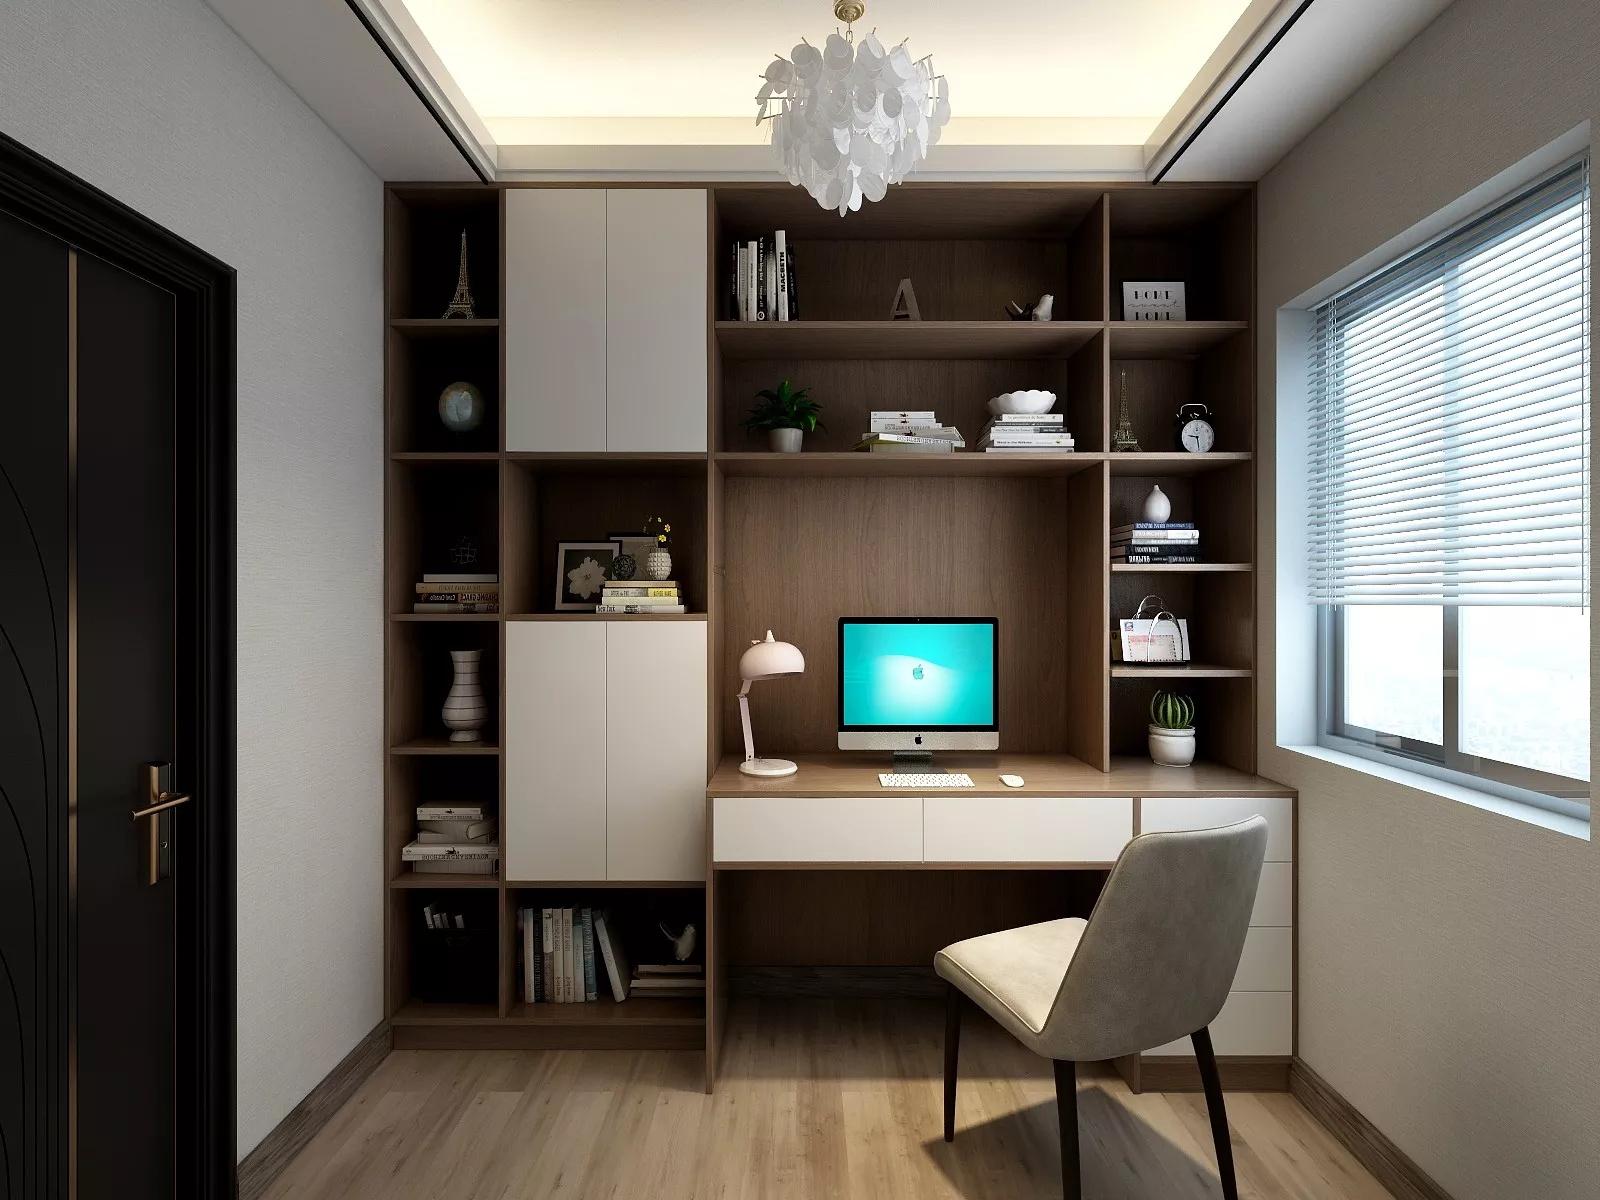 臥室書柜怎么設計?臥室書柜設計有哪些種類?